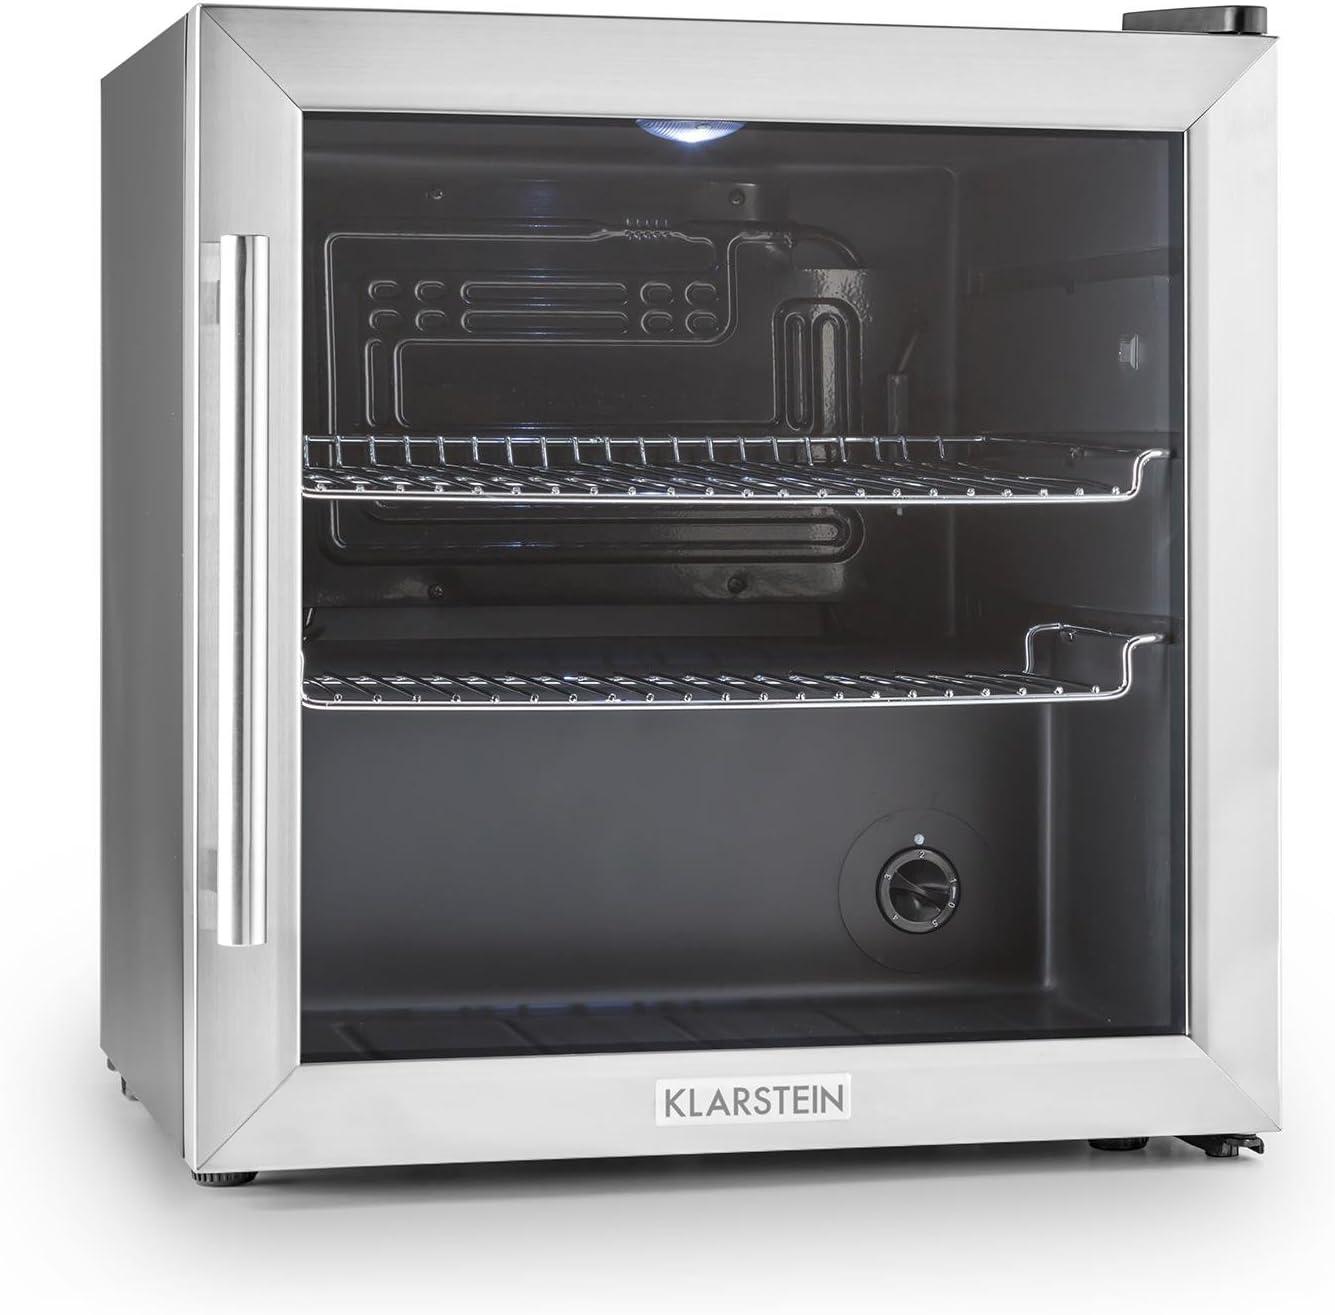 Klarstein Beersafe - Nevera con puerta acristalada, Mininevera, Minibar, Iluminación LED, Acero inoxidable, 5 niveles de frío, 42 dB, 2 rejillas metálicas extraíbles, A+, 50 litros, Negro